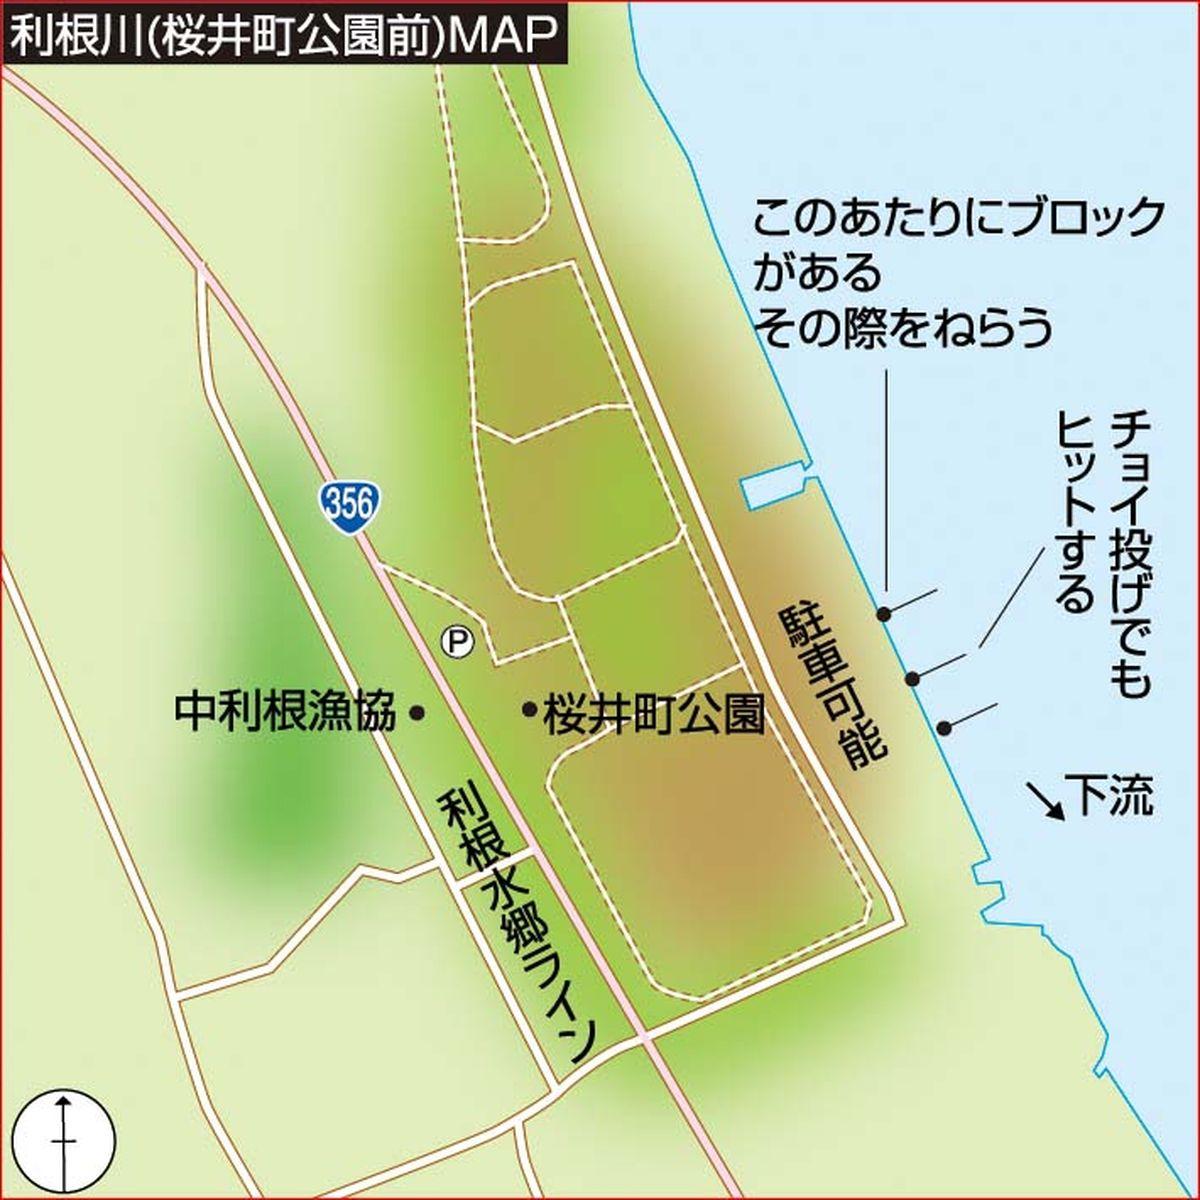 047-048-choinage-tsuriba_cs6 (2)